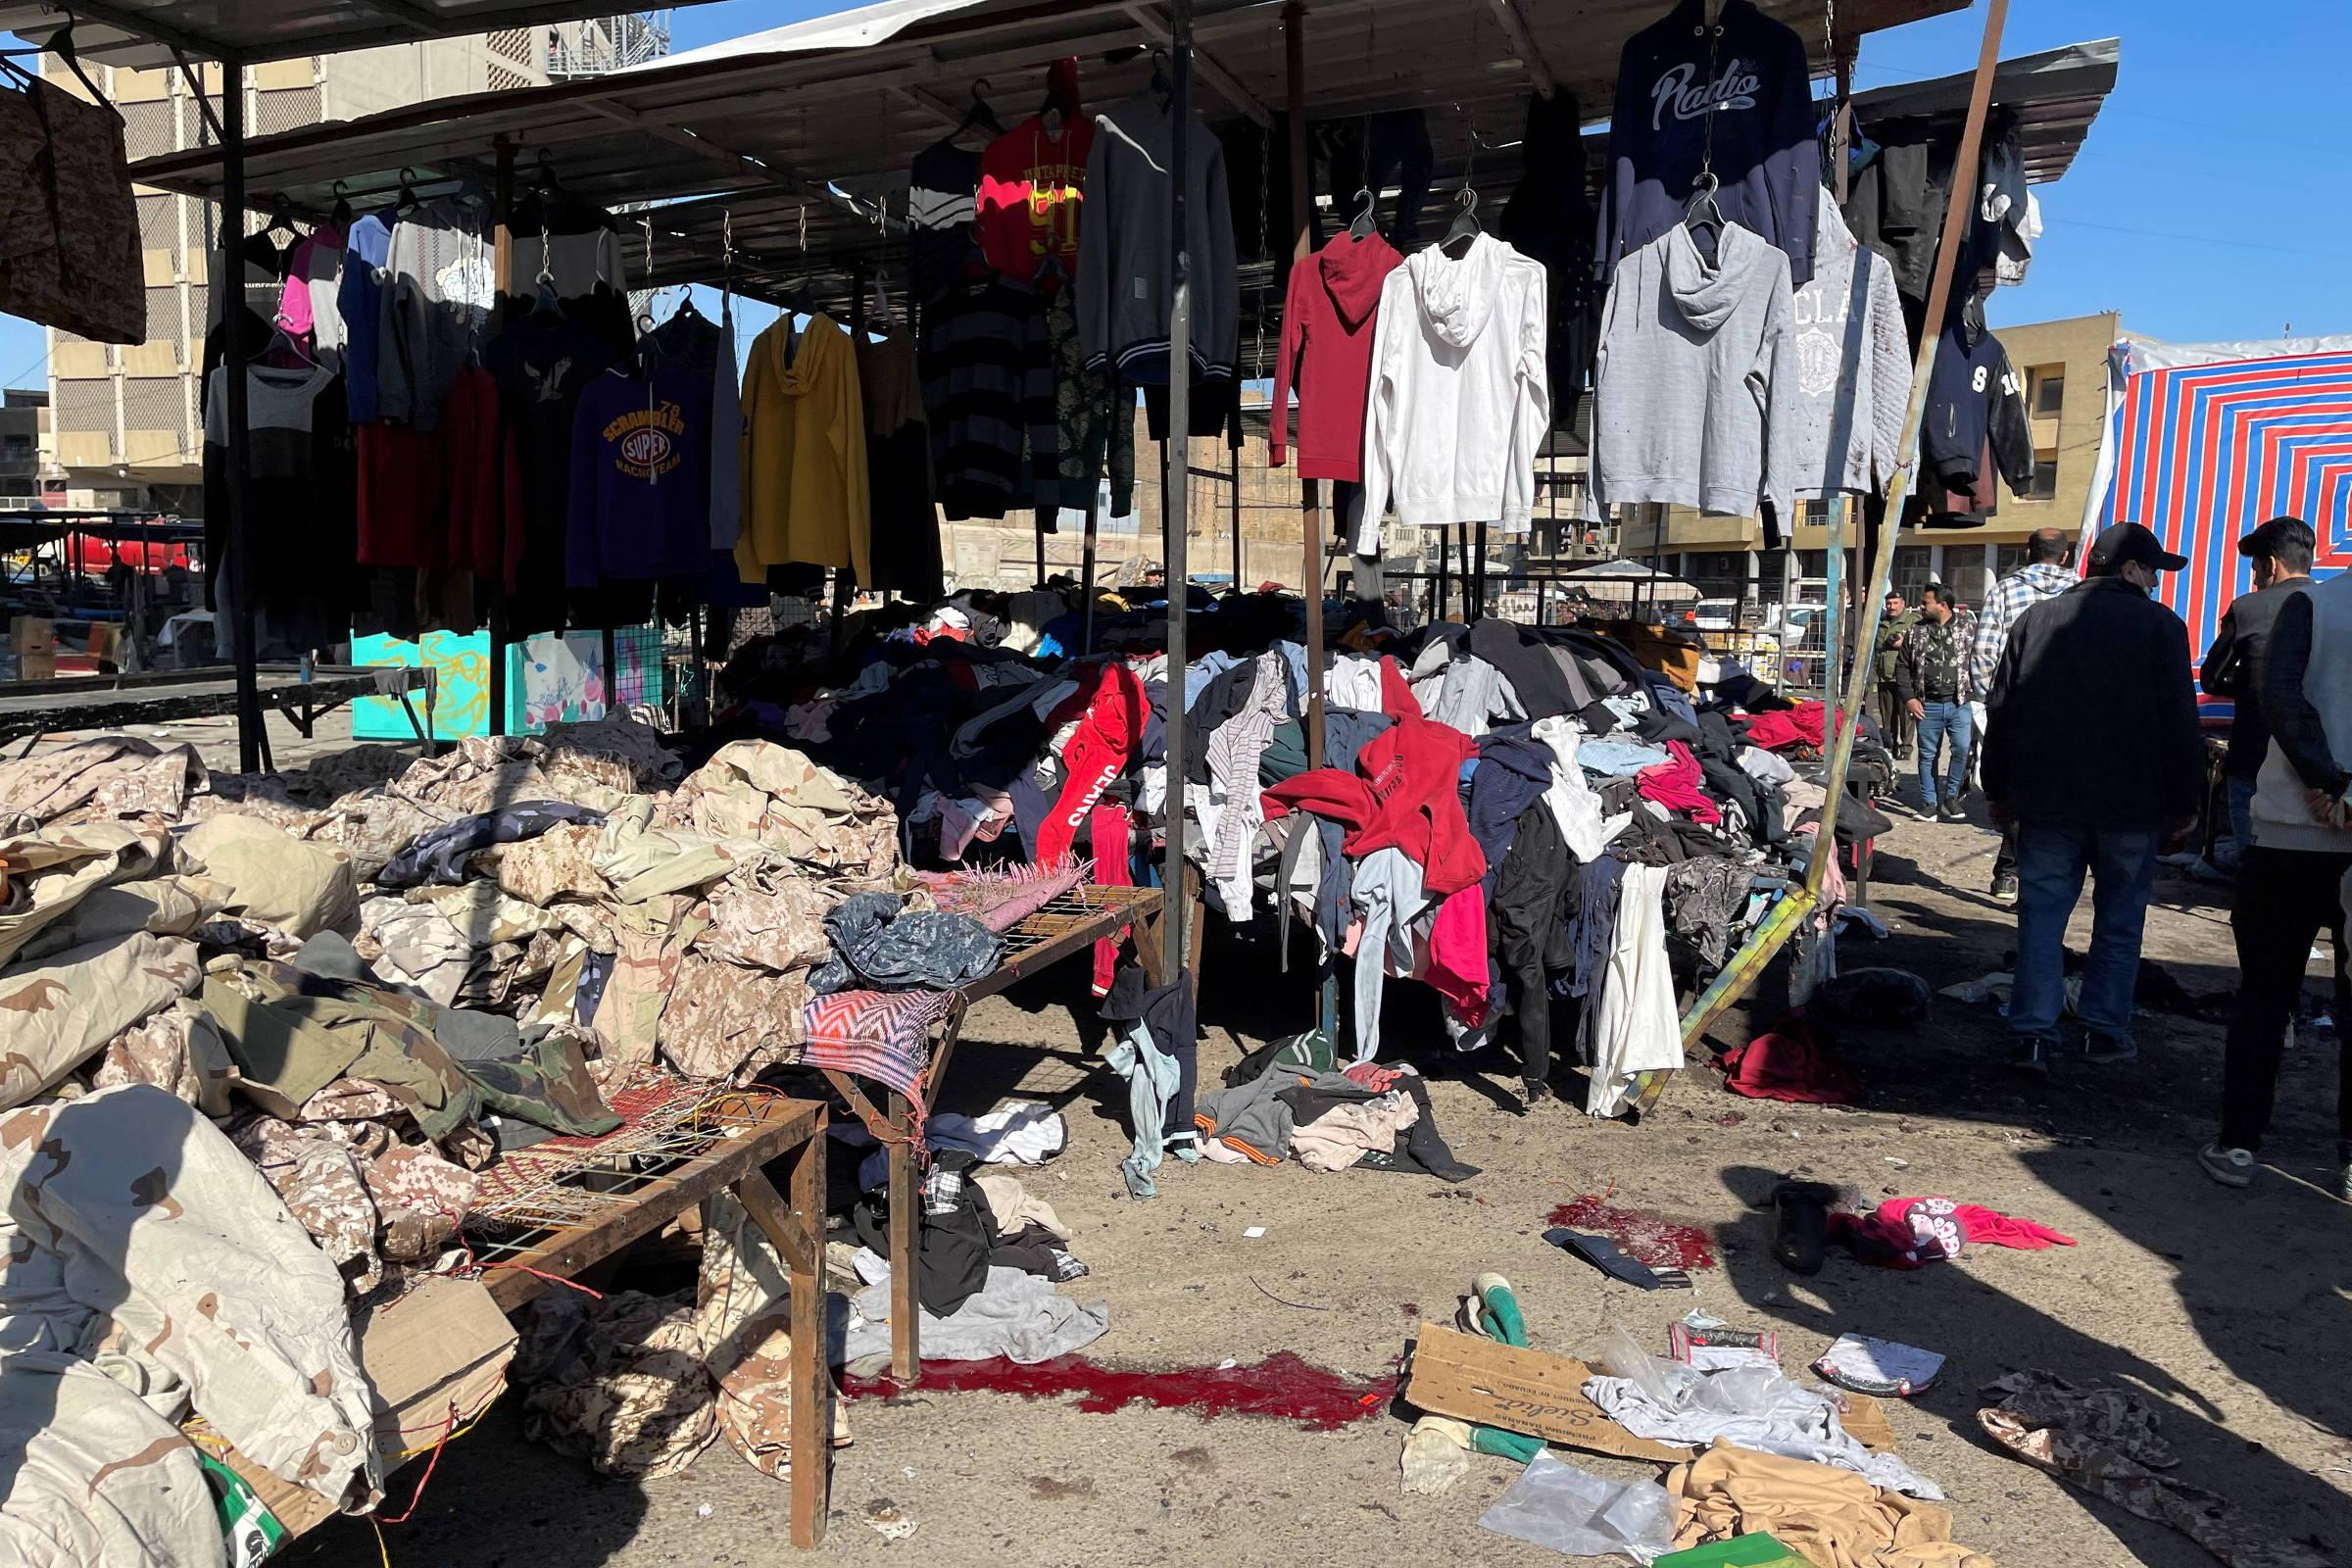 Maior ataque suicida em Bagdá em três anos mata ao menos 32 pessoas -  21/01/2021 - Mundo - Folha